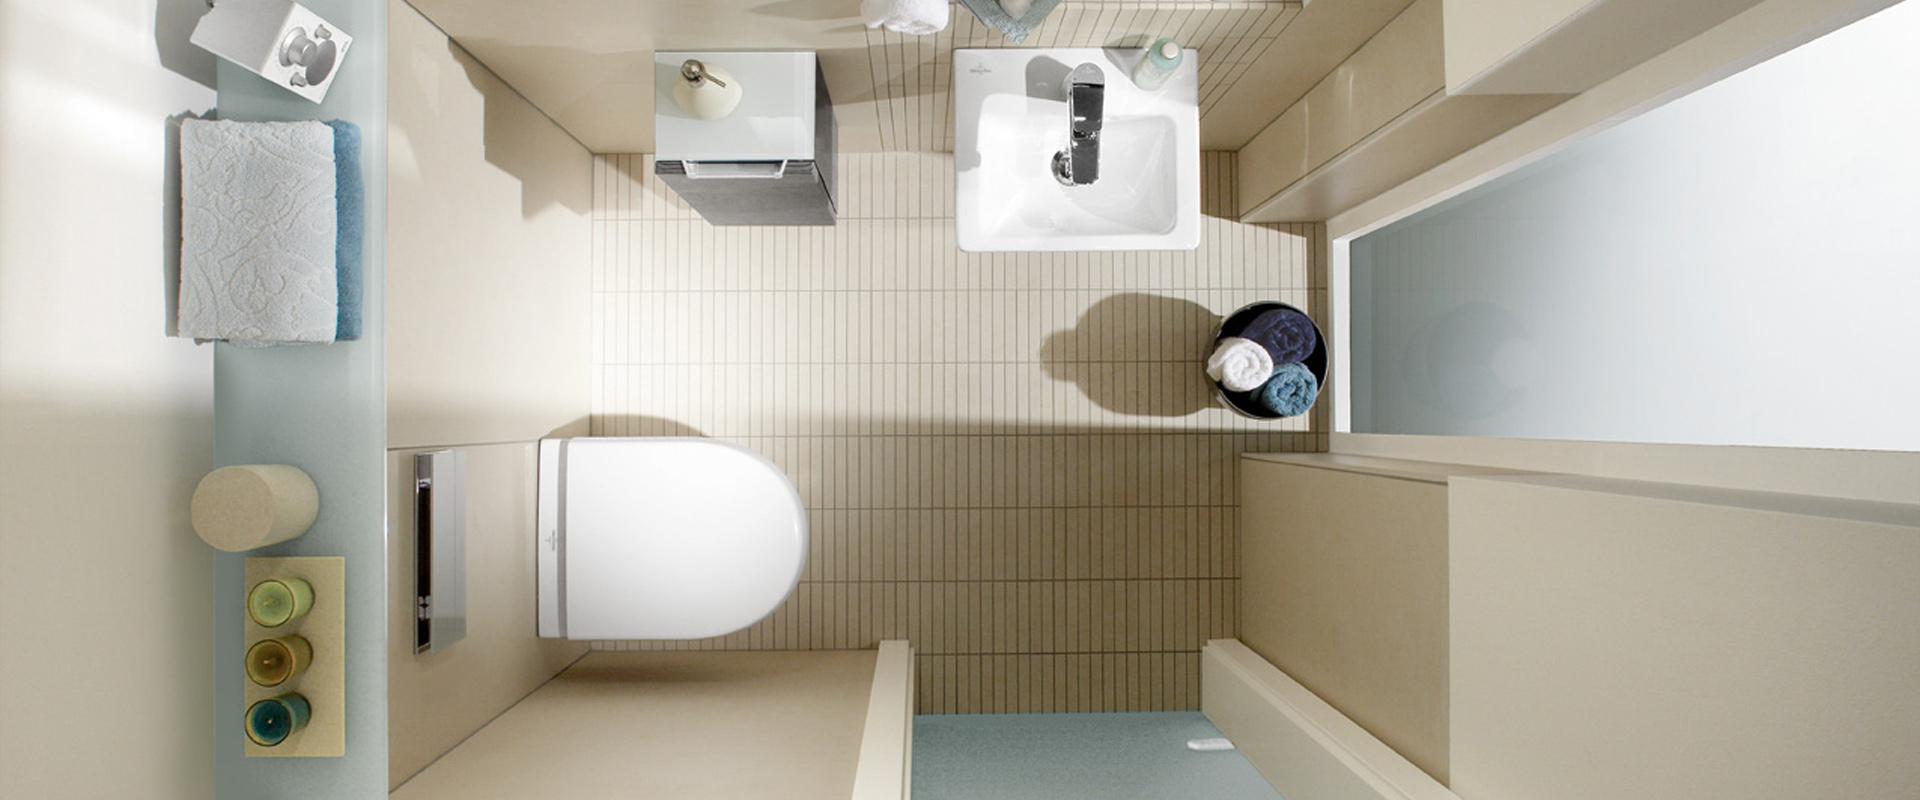 Immagini Di Bagni Piccoli bagni piccoli semplici eleganti raffinati. italian bathrooms